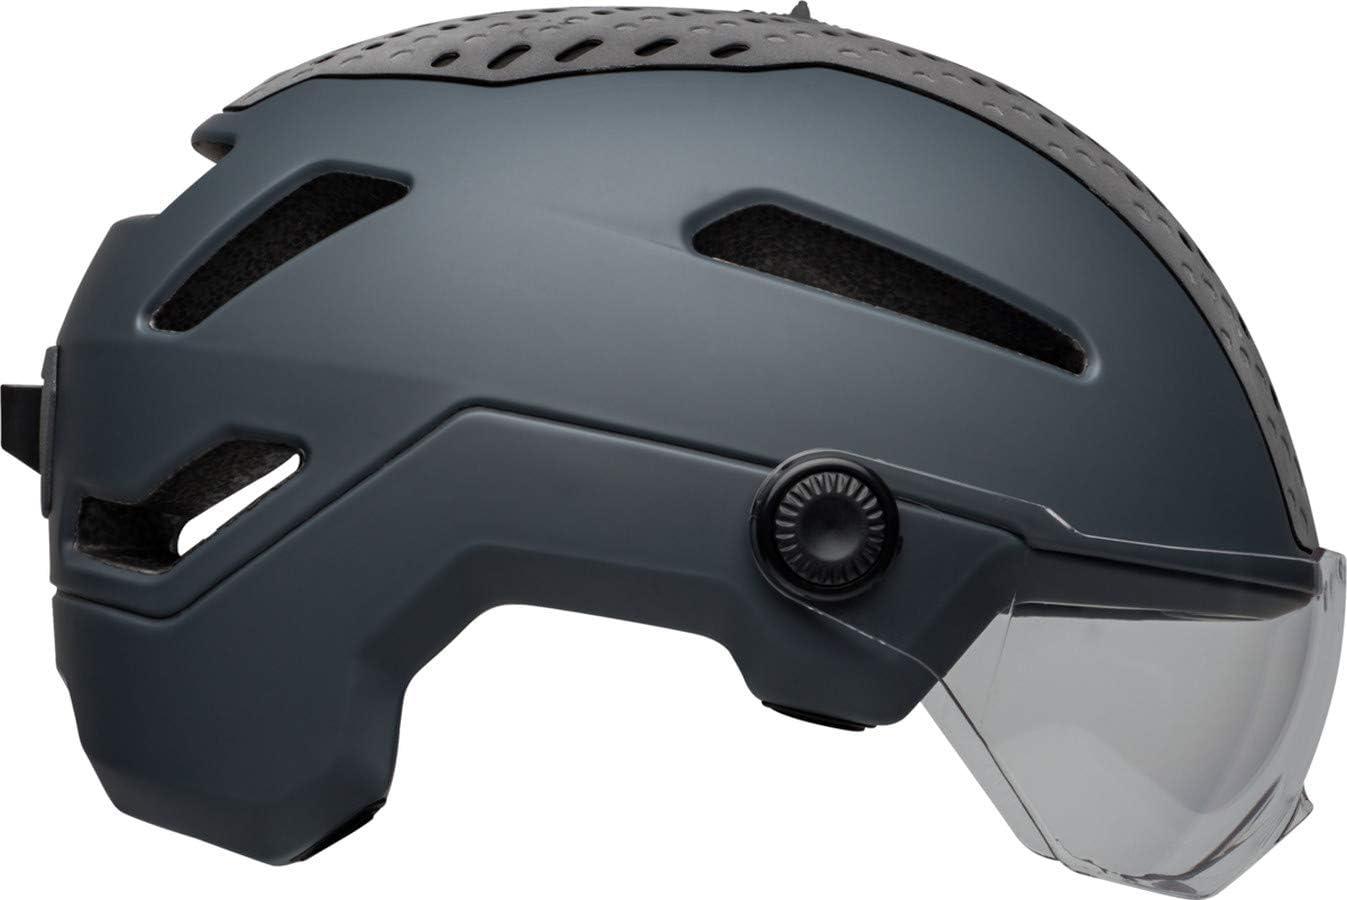 58-62cm BELL Annex Shield MIPS Casco de Ciclismo Urban L Lead Mate